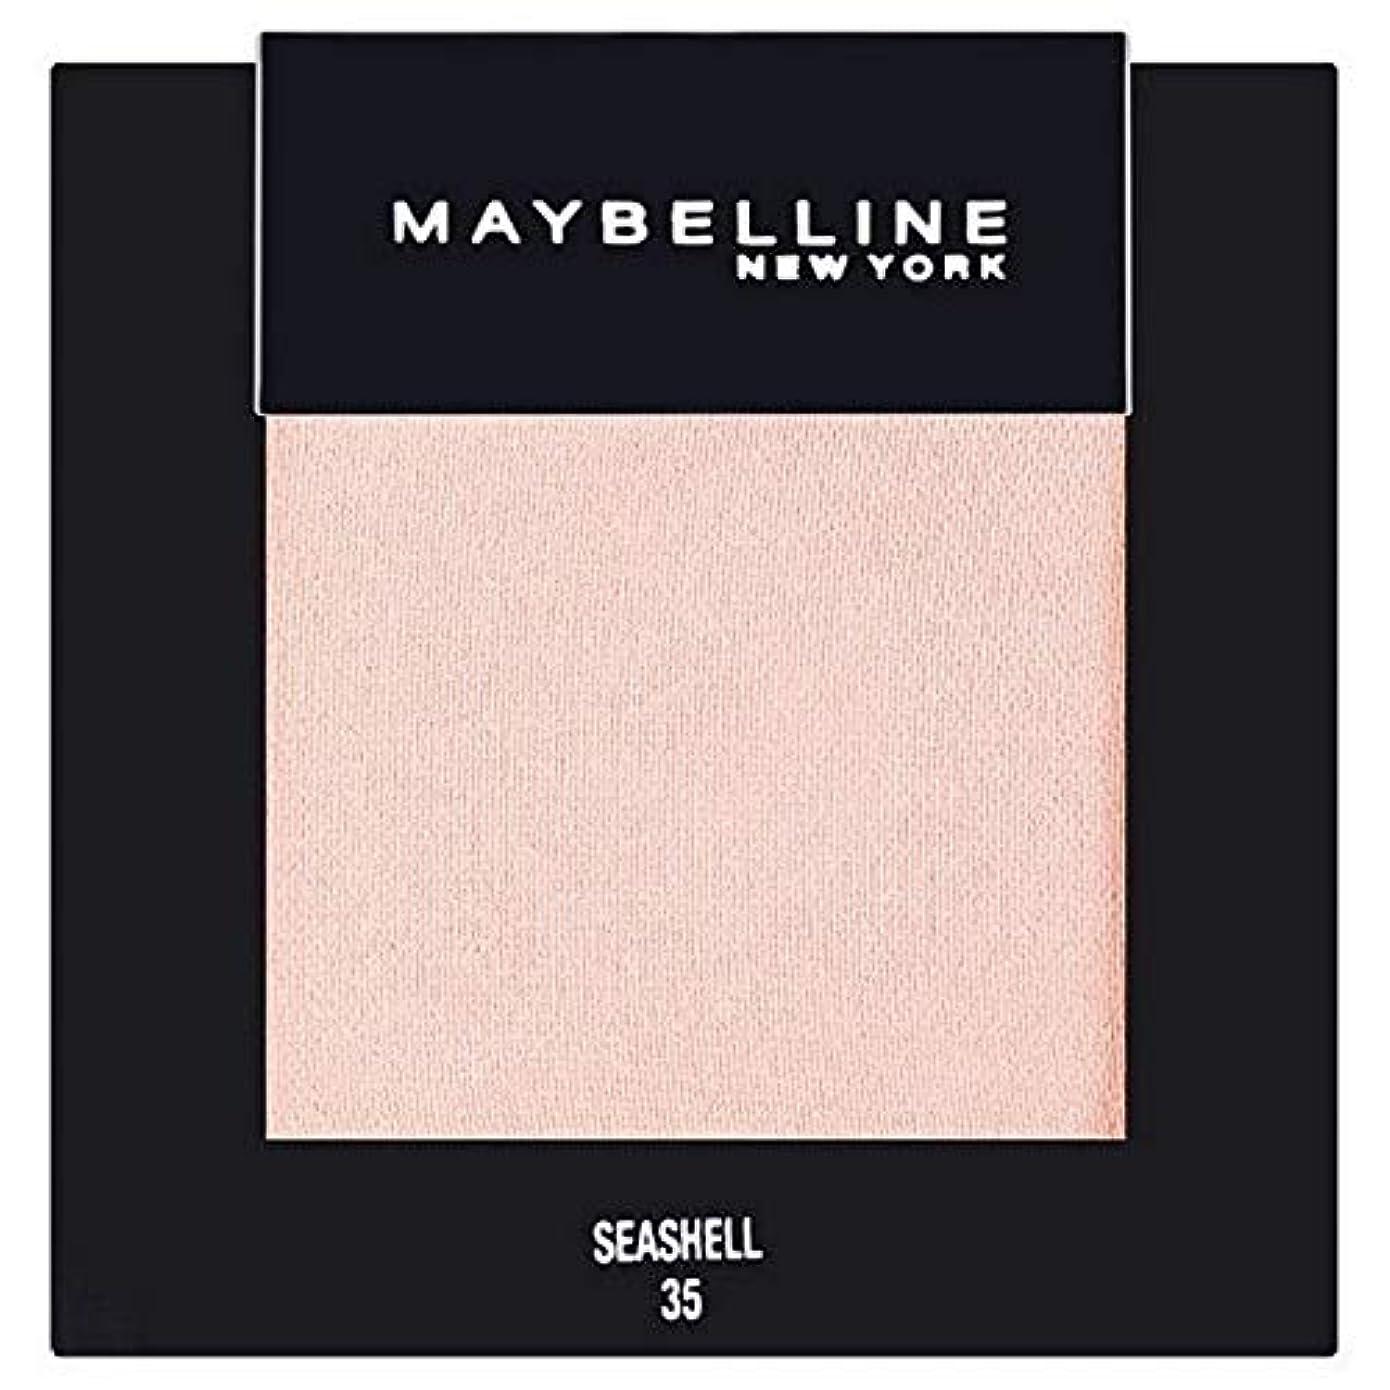 掃く期待する稼ぐ[Maybelline ] メイベリンカラーショーシングルアイシャドウ35貝殻 - Maybelline Color Show Single Eyeshadow 35 Seashell [並行輸入品]